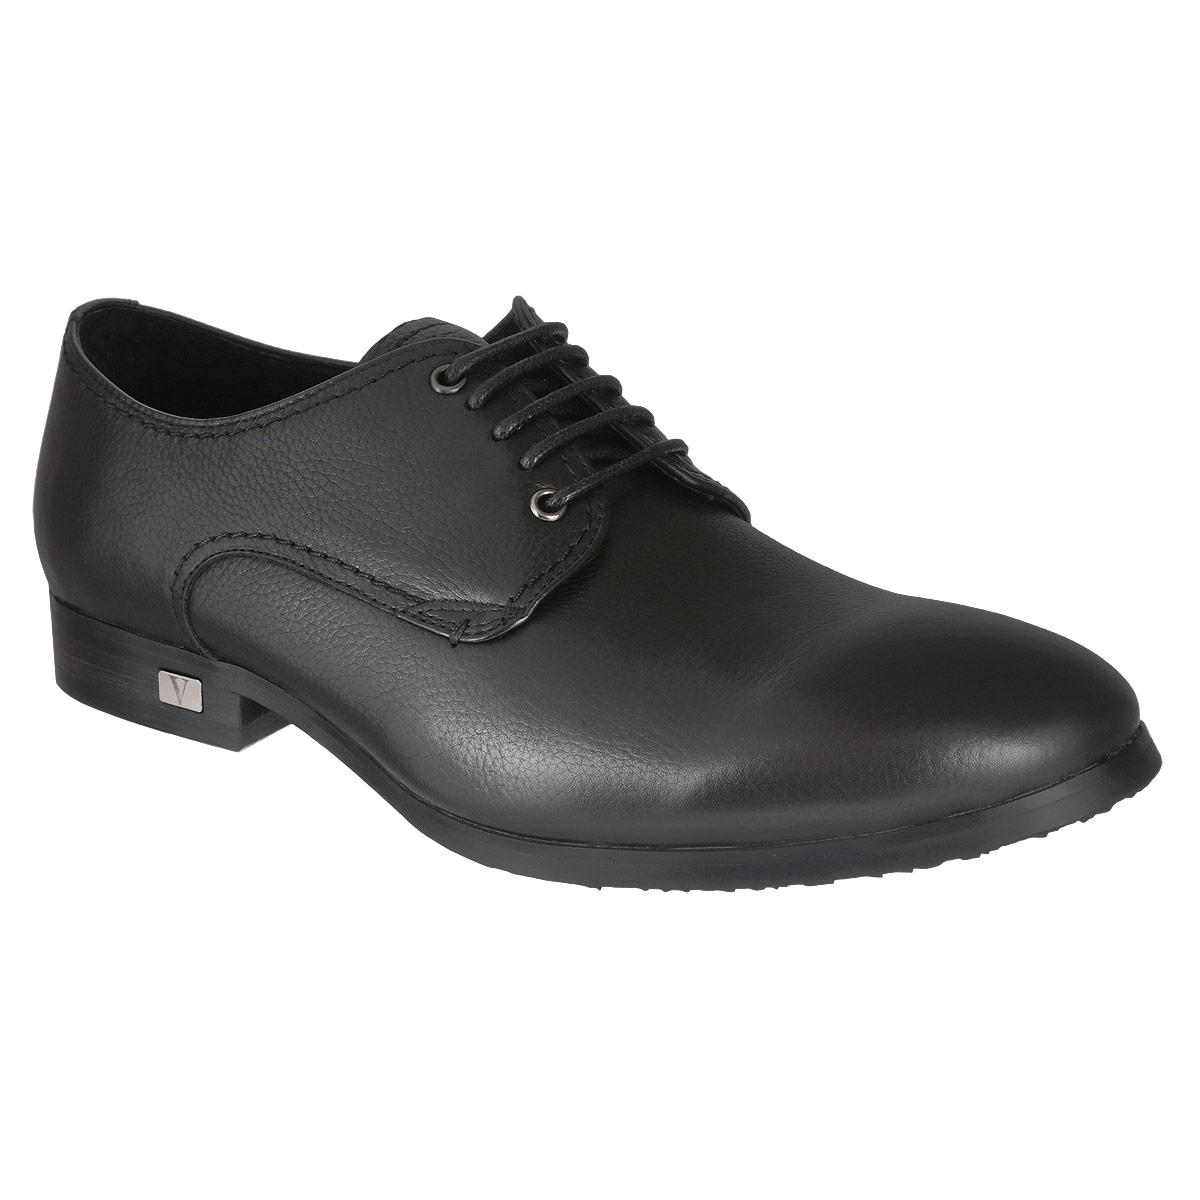 Полуботинки мужские. M23046M23046Элегантные мужские полуботинки Vitacci займут достойное место в вашем гардеробе. Модель изготовлена из натуральной высококачественной кожи и оформлена задним наружным ремнем, на каблуке - небольшой металлической пластиной с логотипом бренда. Шнуровка прочно зафиксирует обувь на вашей ноге. Стелька из натуральной кожи дополнена нашивкой с названием бренда. Каблук и подошва с рифлением обеспечивают идеальное сцепление с любой поверхностью. Стильные полуботинки не оставят равнодушным ни одного мужчину.